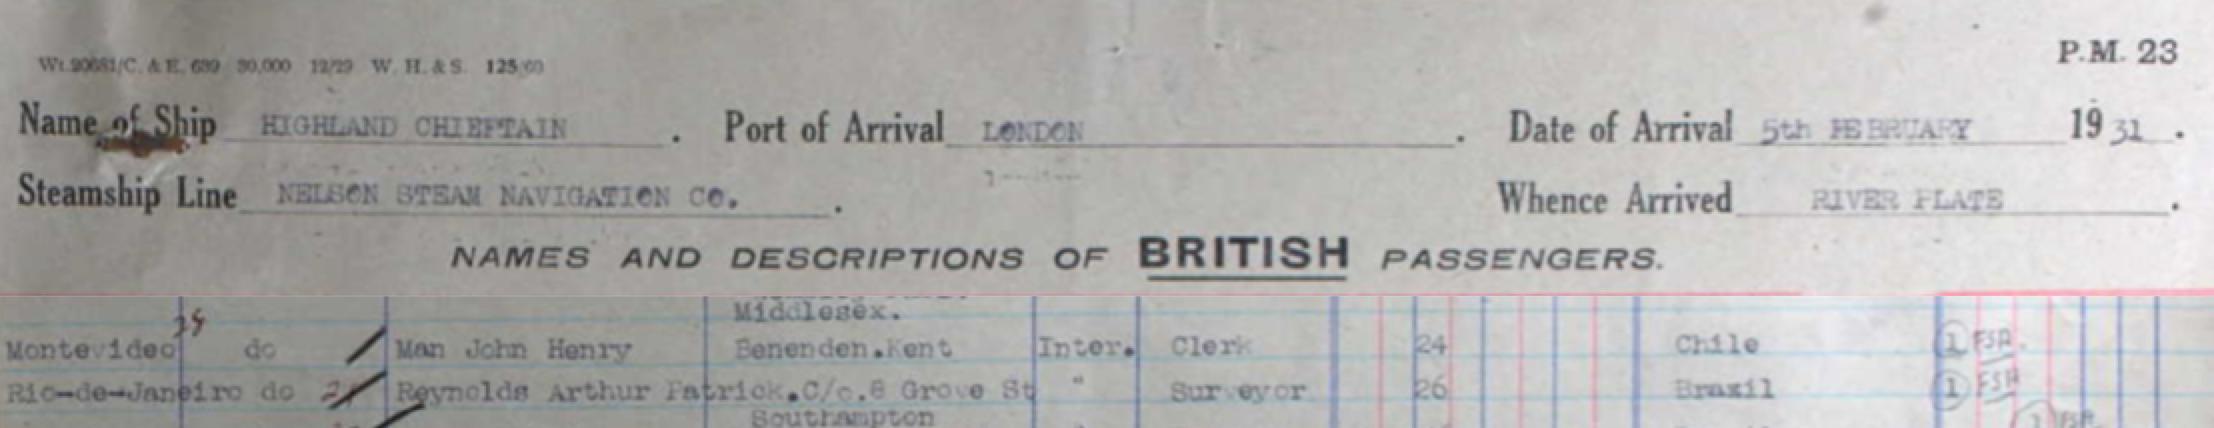 John Henry Man on Passenger List